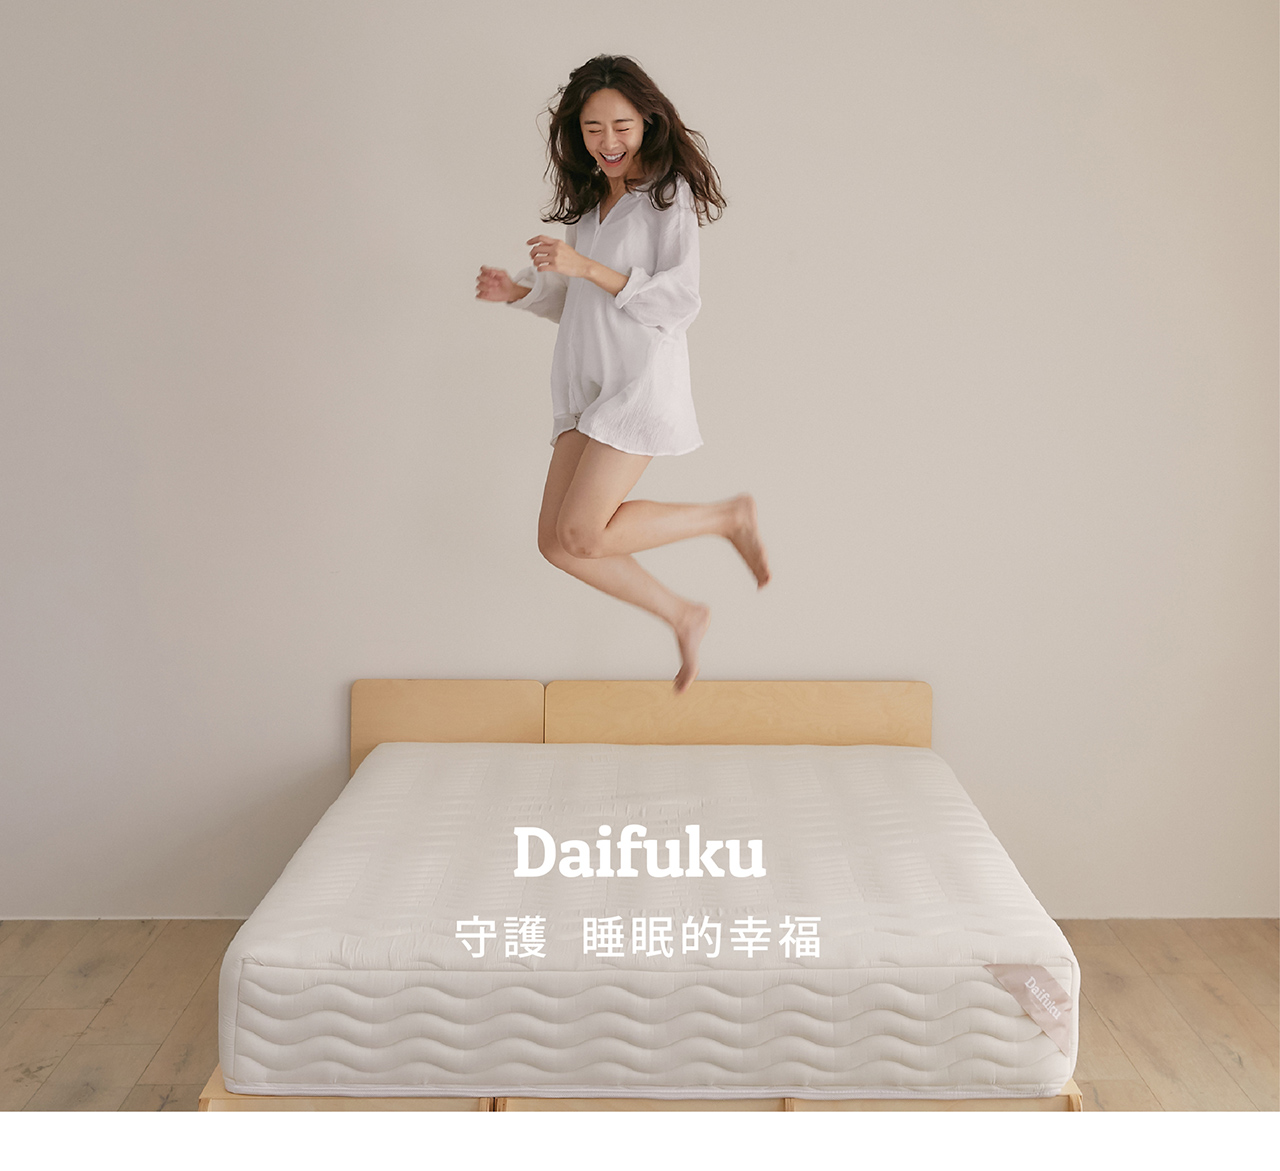 守護 睡眠的幸福-1